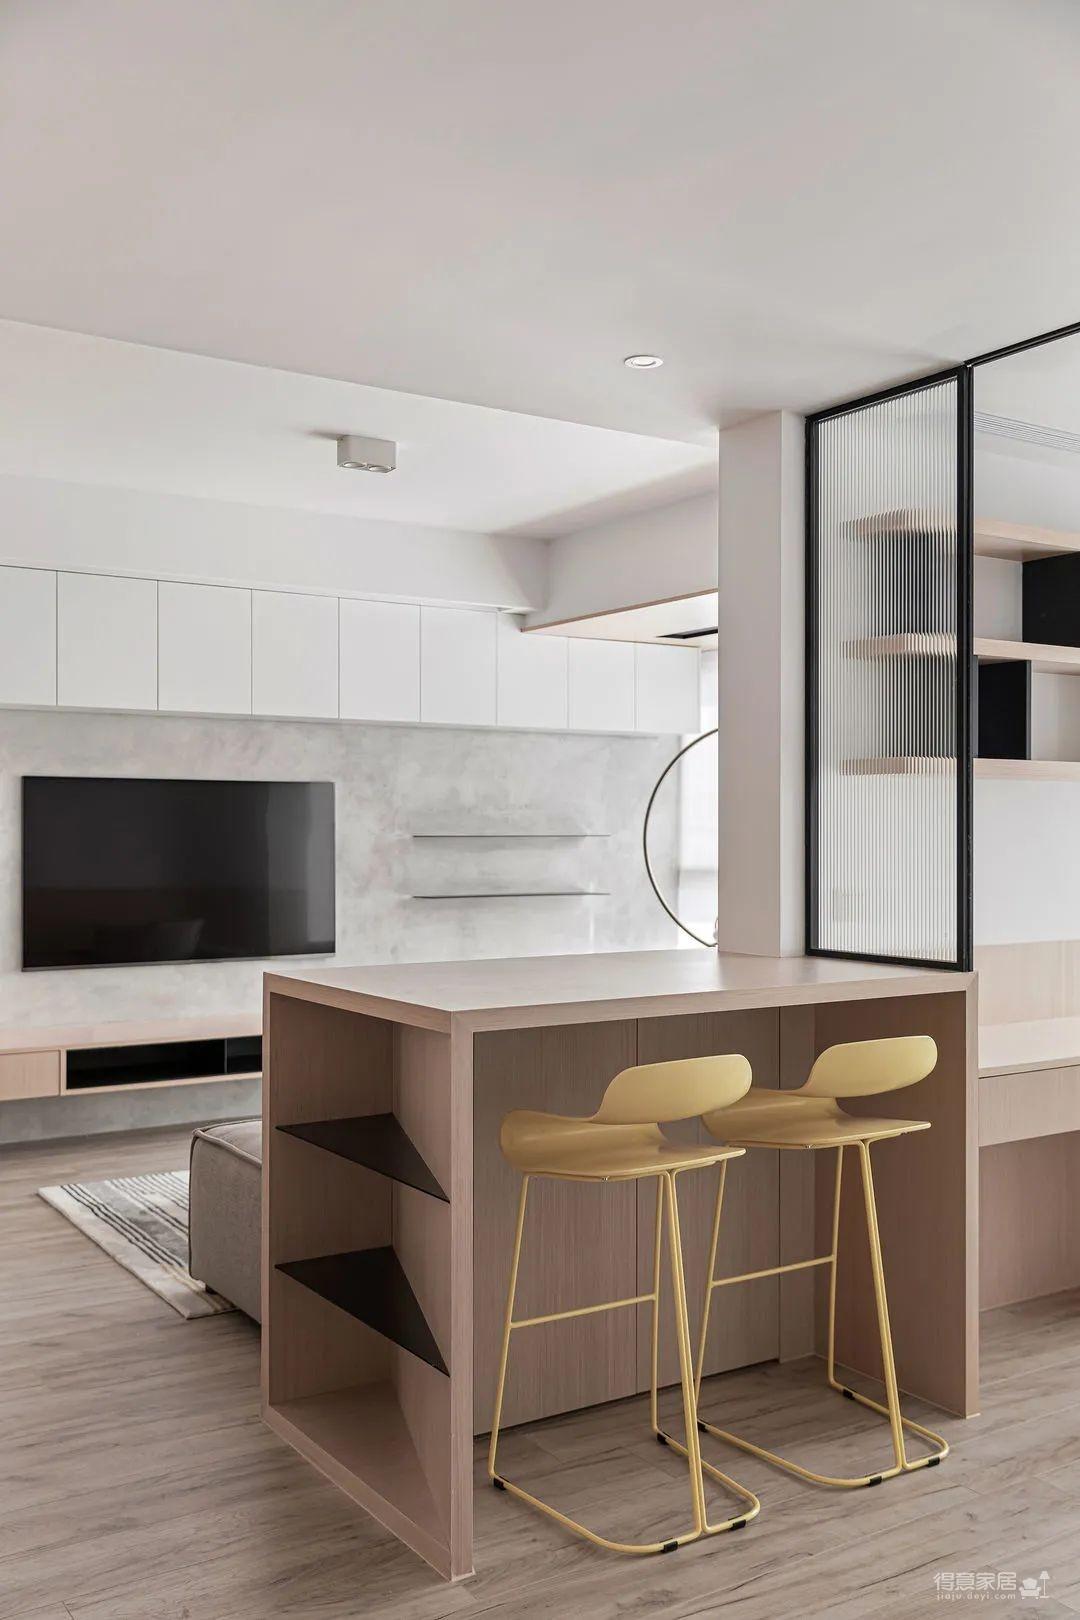 只用一个吧台,89㎡的家就能拥有120㎡的大客厅既视感